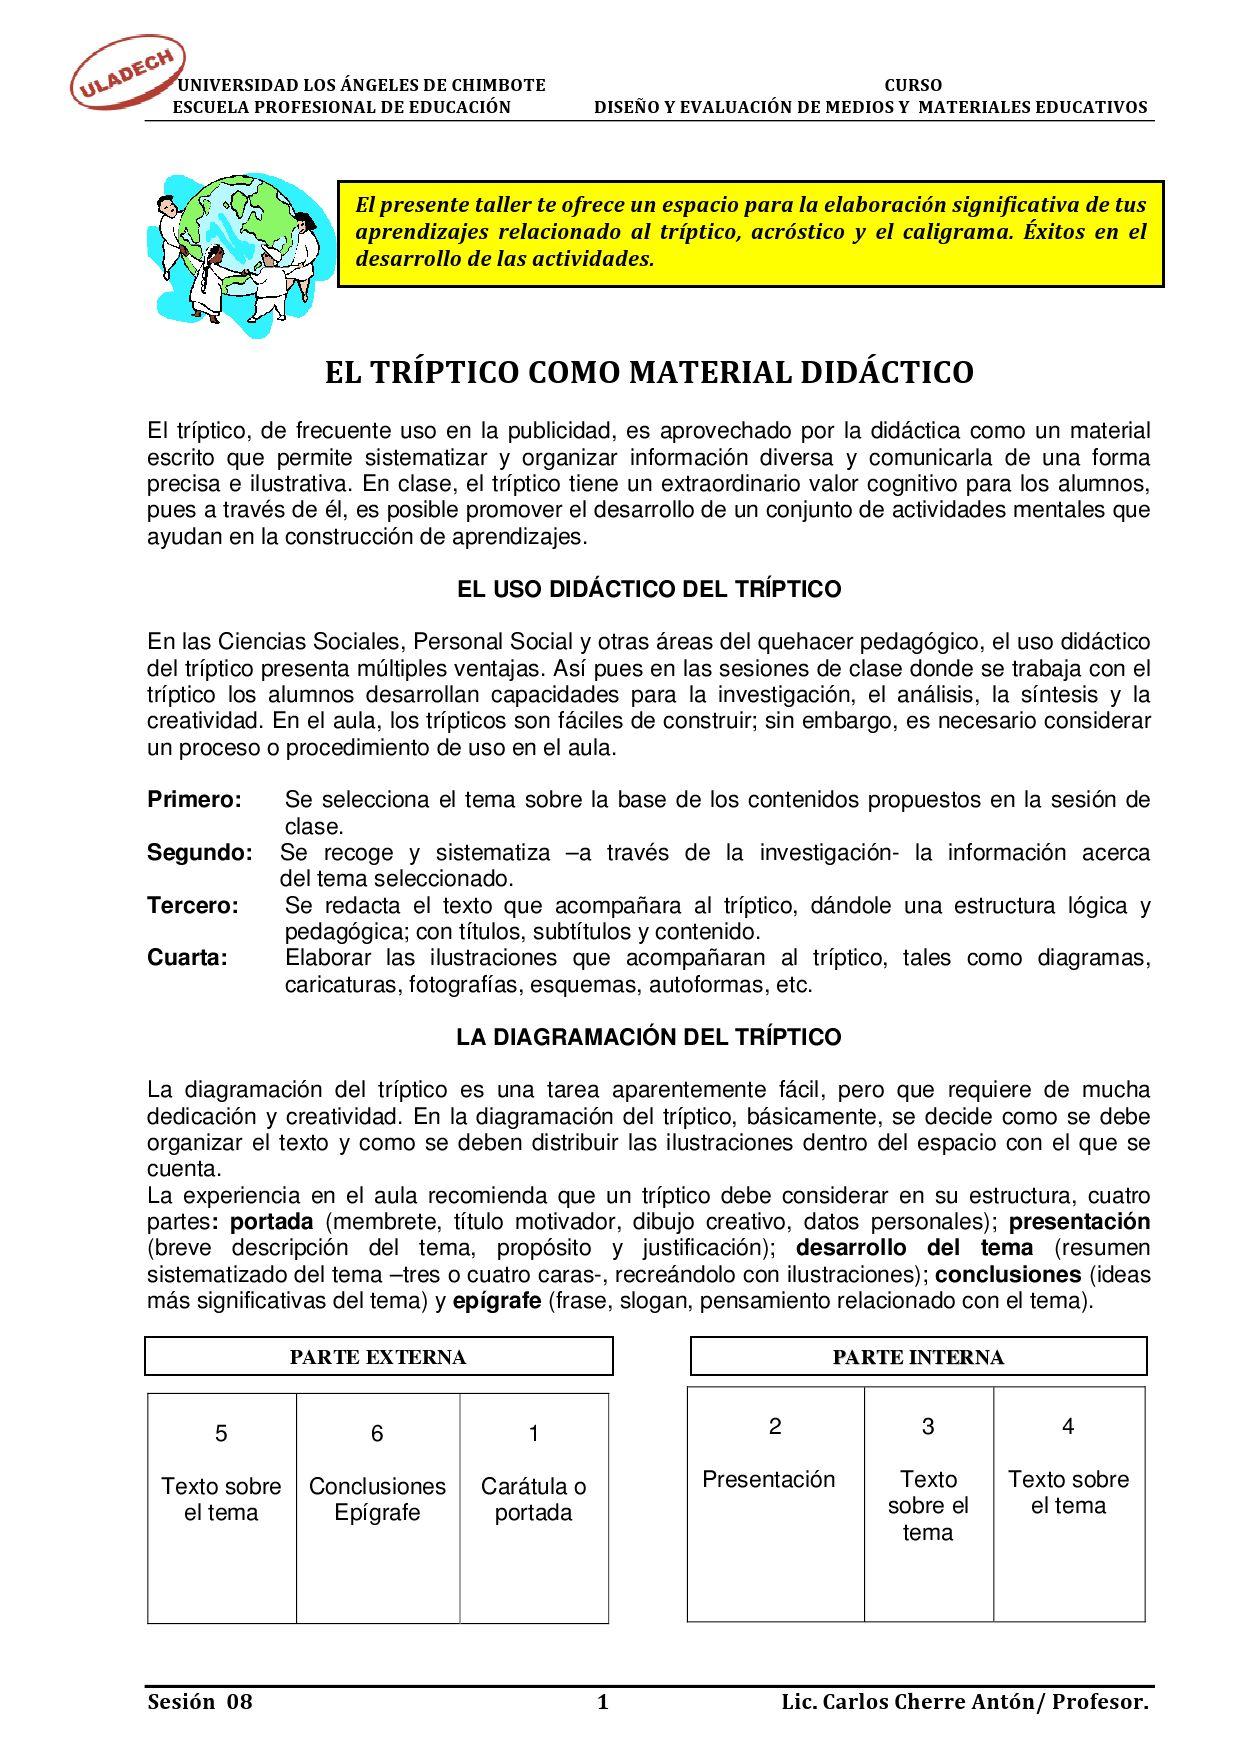 TRIPTICOS, ACROSTICOS Y CALIGRAMAS by Katisuka Morales Cueva - issuu